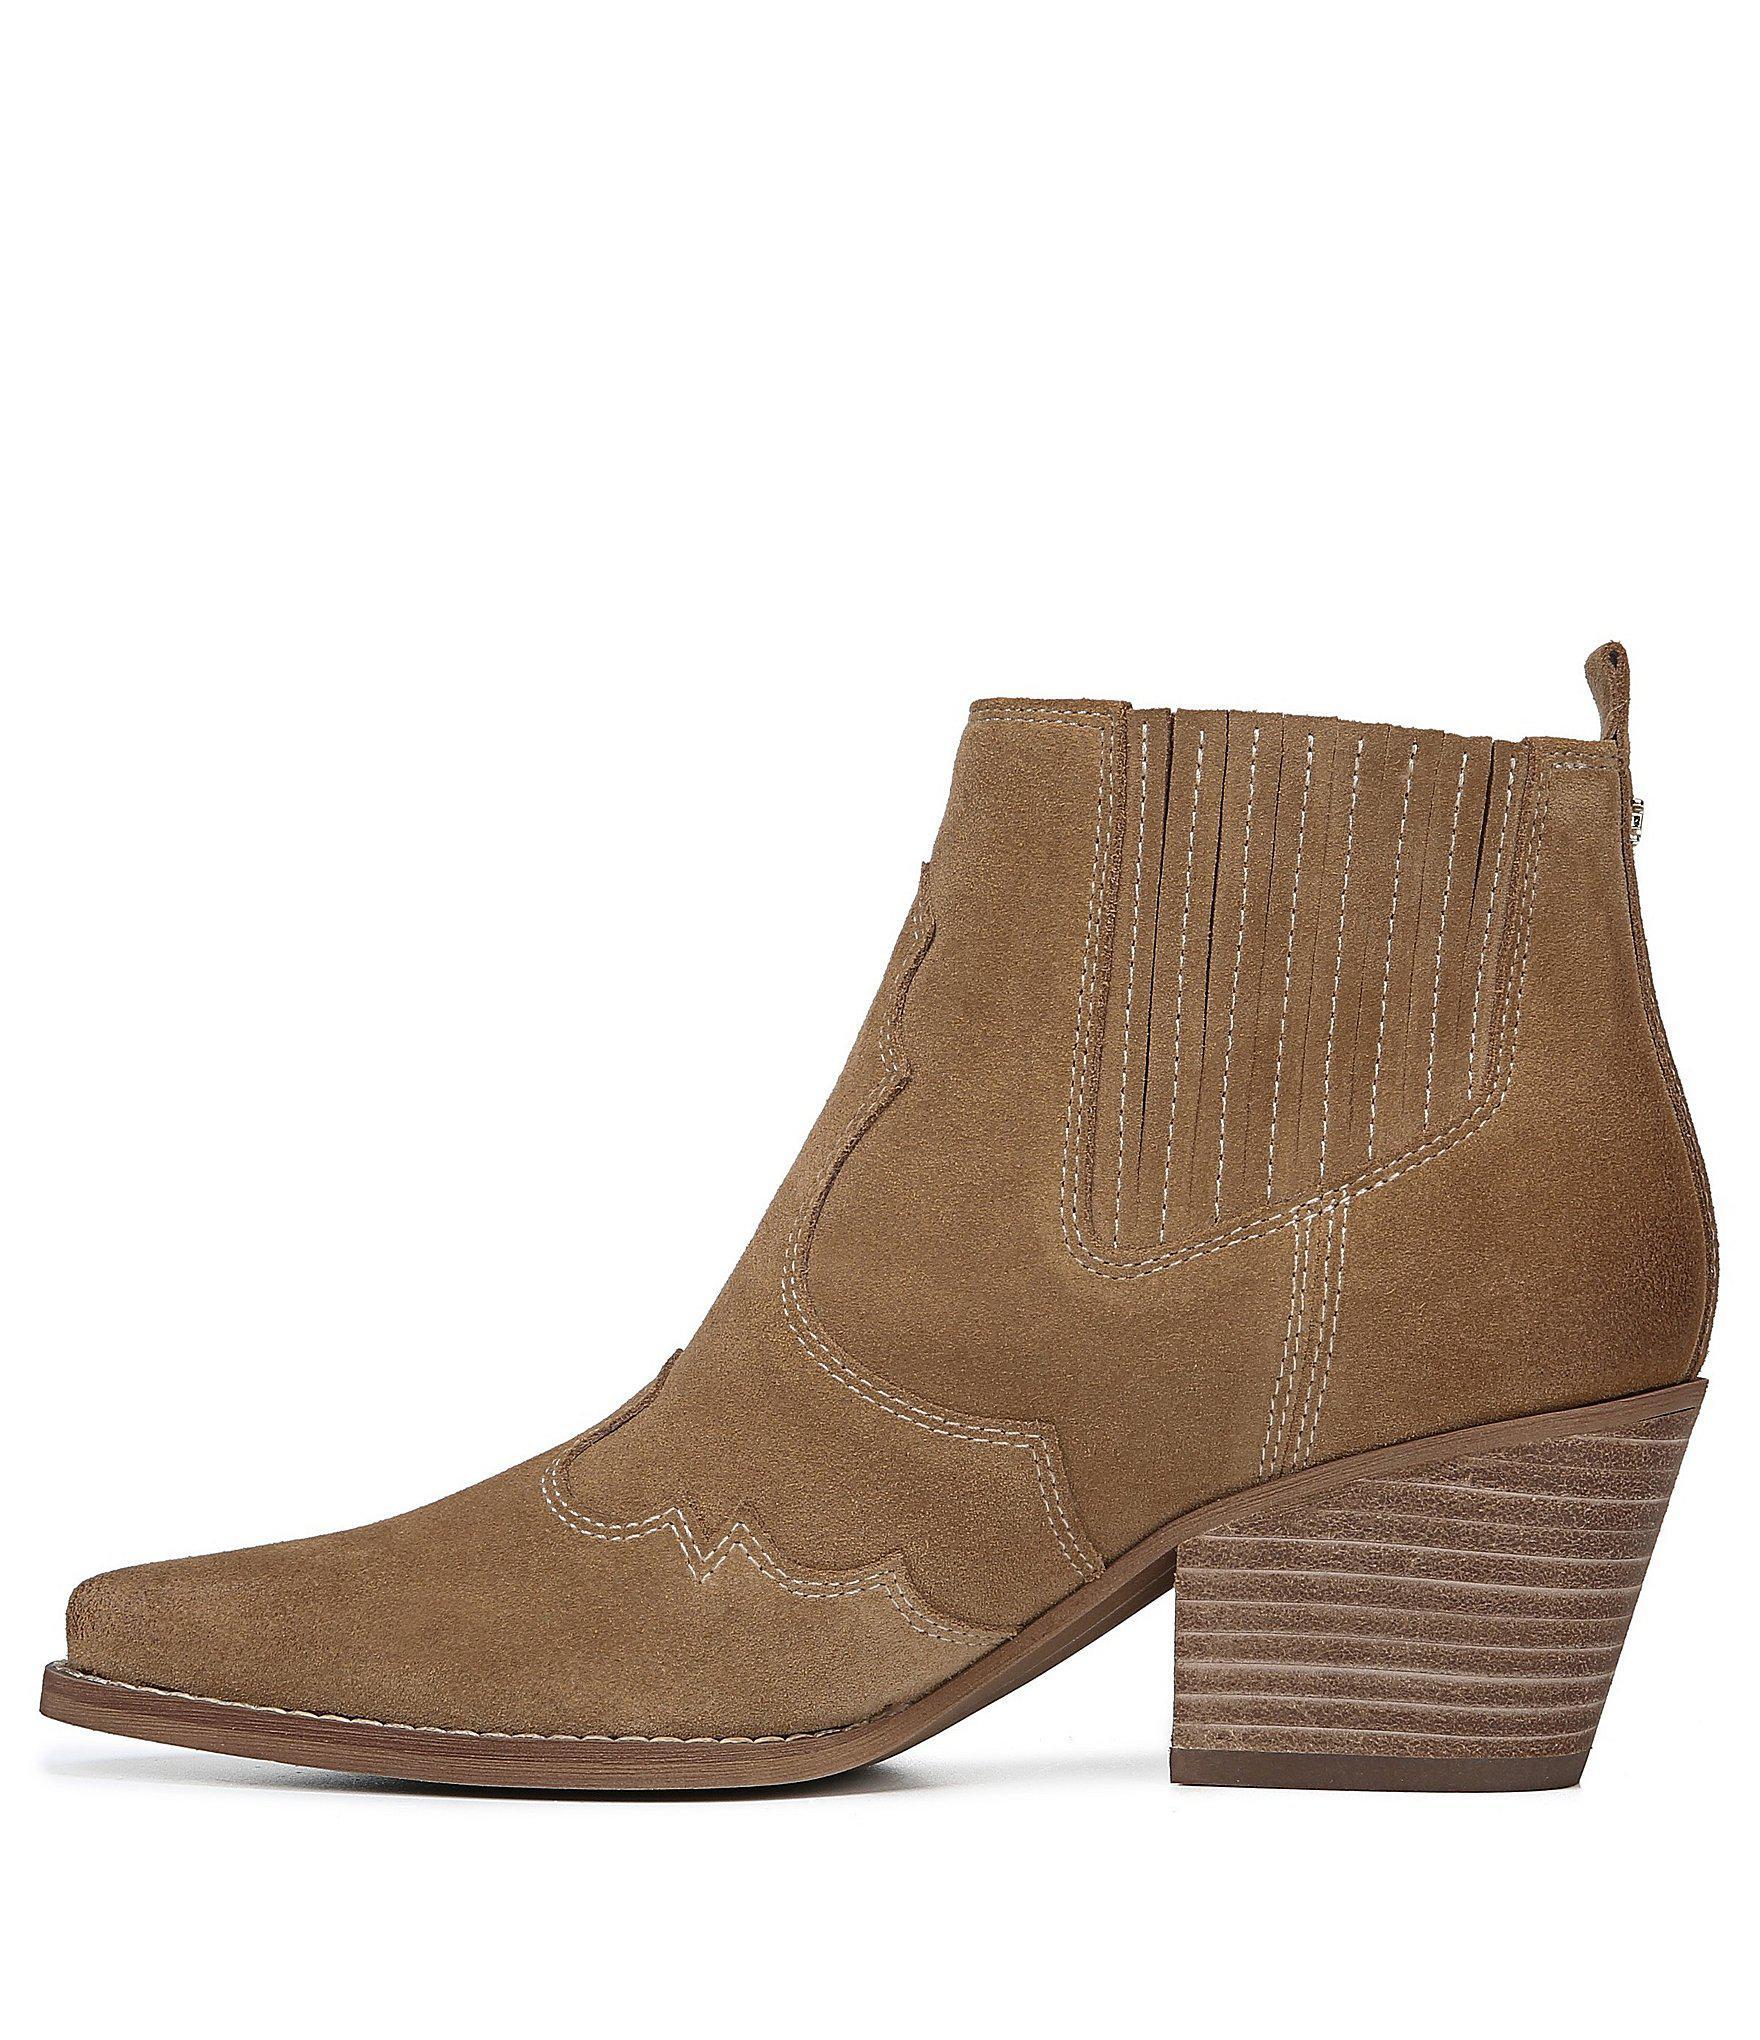 c18112eec Sam Edelman - Brown Winona Suede Western Block Heel Booties - Lyst. View  fullscreen